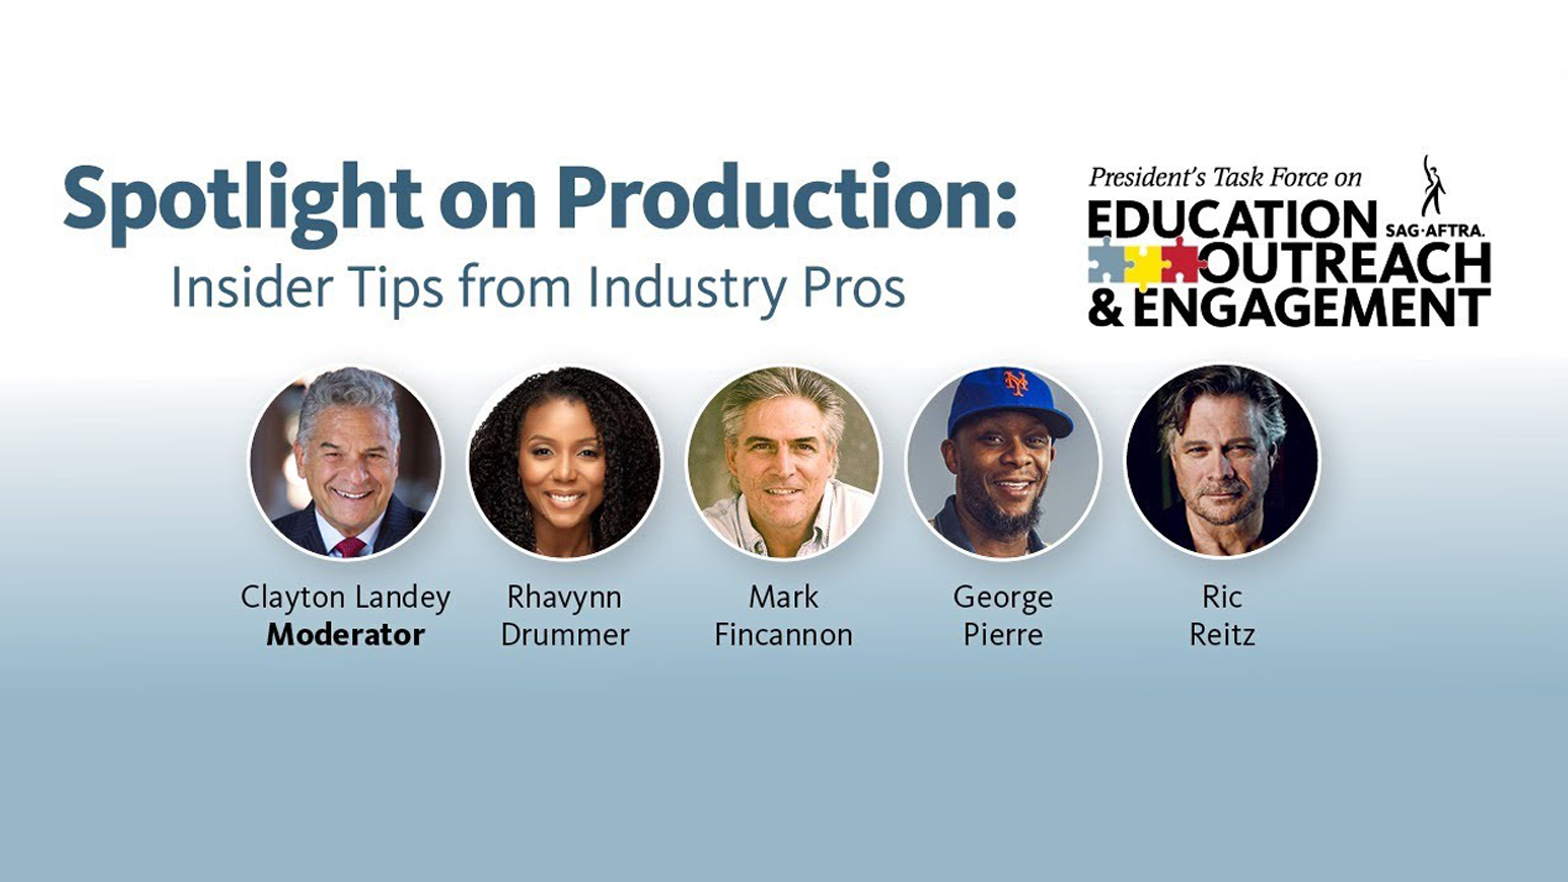 'Spotlight on Production: Insider Tips from Industry Pros' en el tercio superior con el logotipo de PTEOE en la esquina superior derecha. Disparos a la cabeza LR: Landey, Drummer, Fincannon, Pierre, Reitz